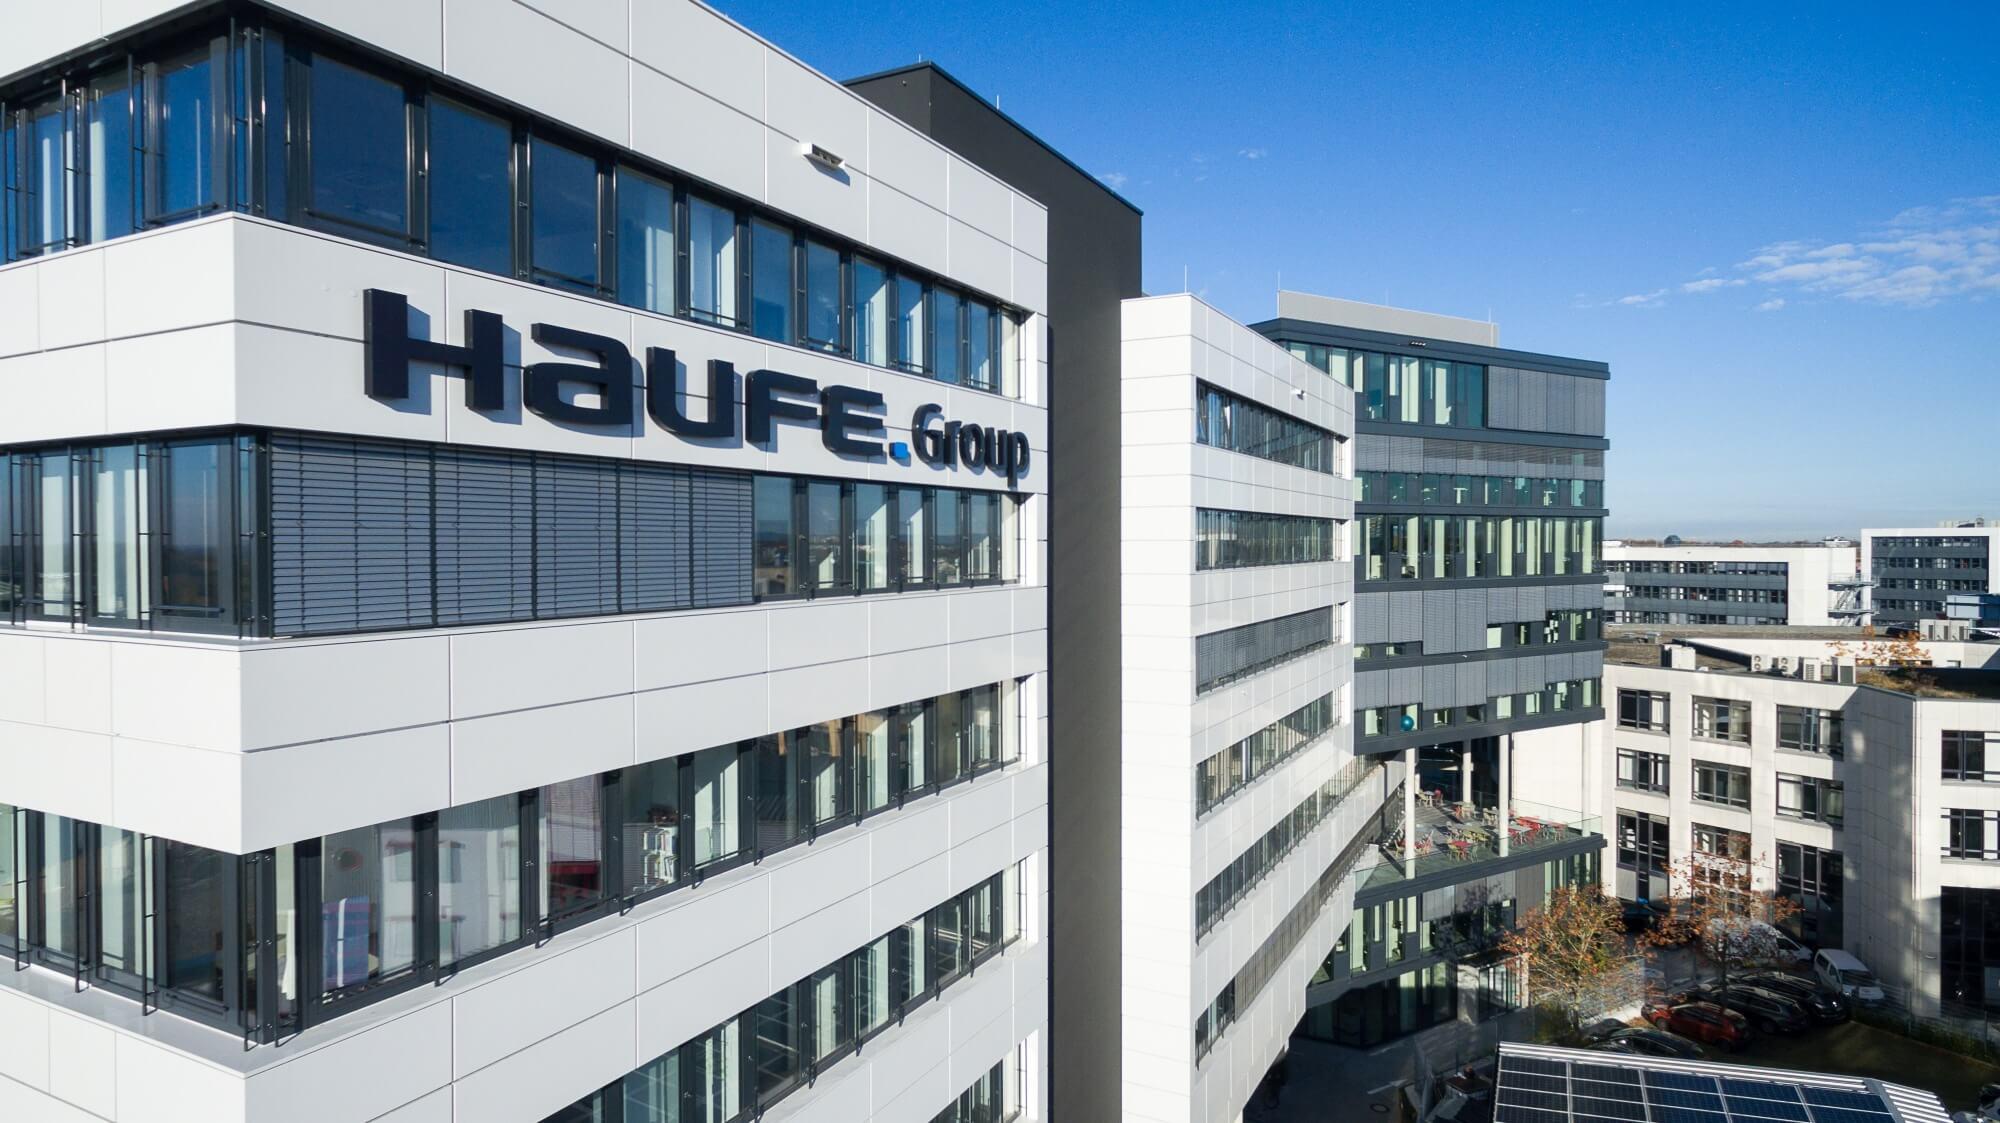 Foto vom Standort Freiburg mit dem Logo der Haufe Group an der Fassade